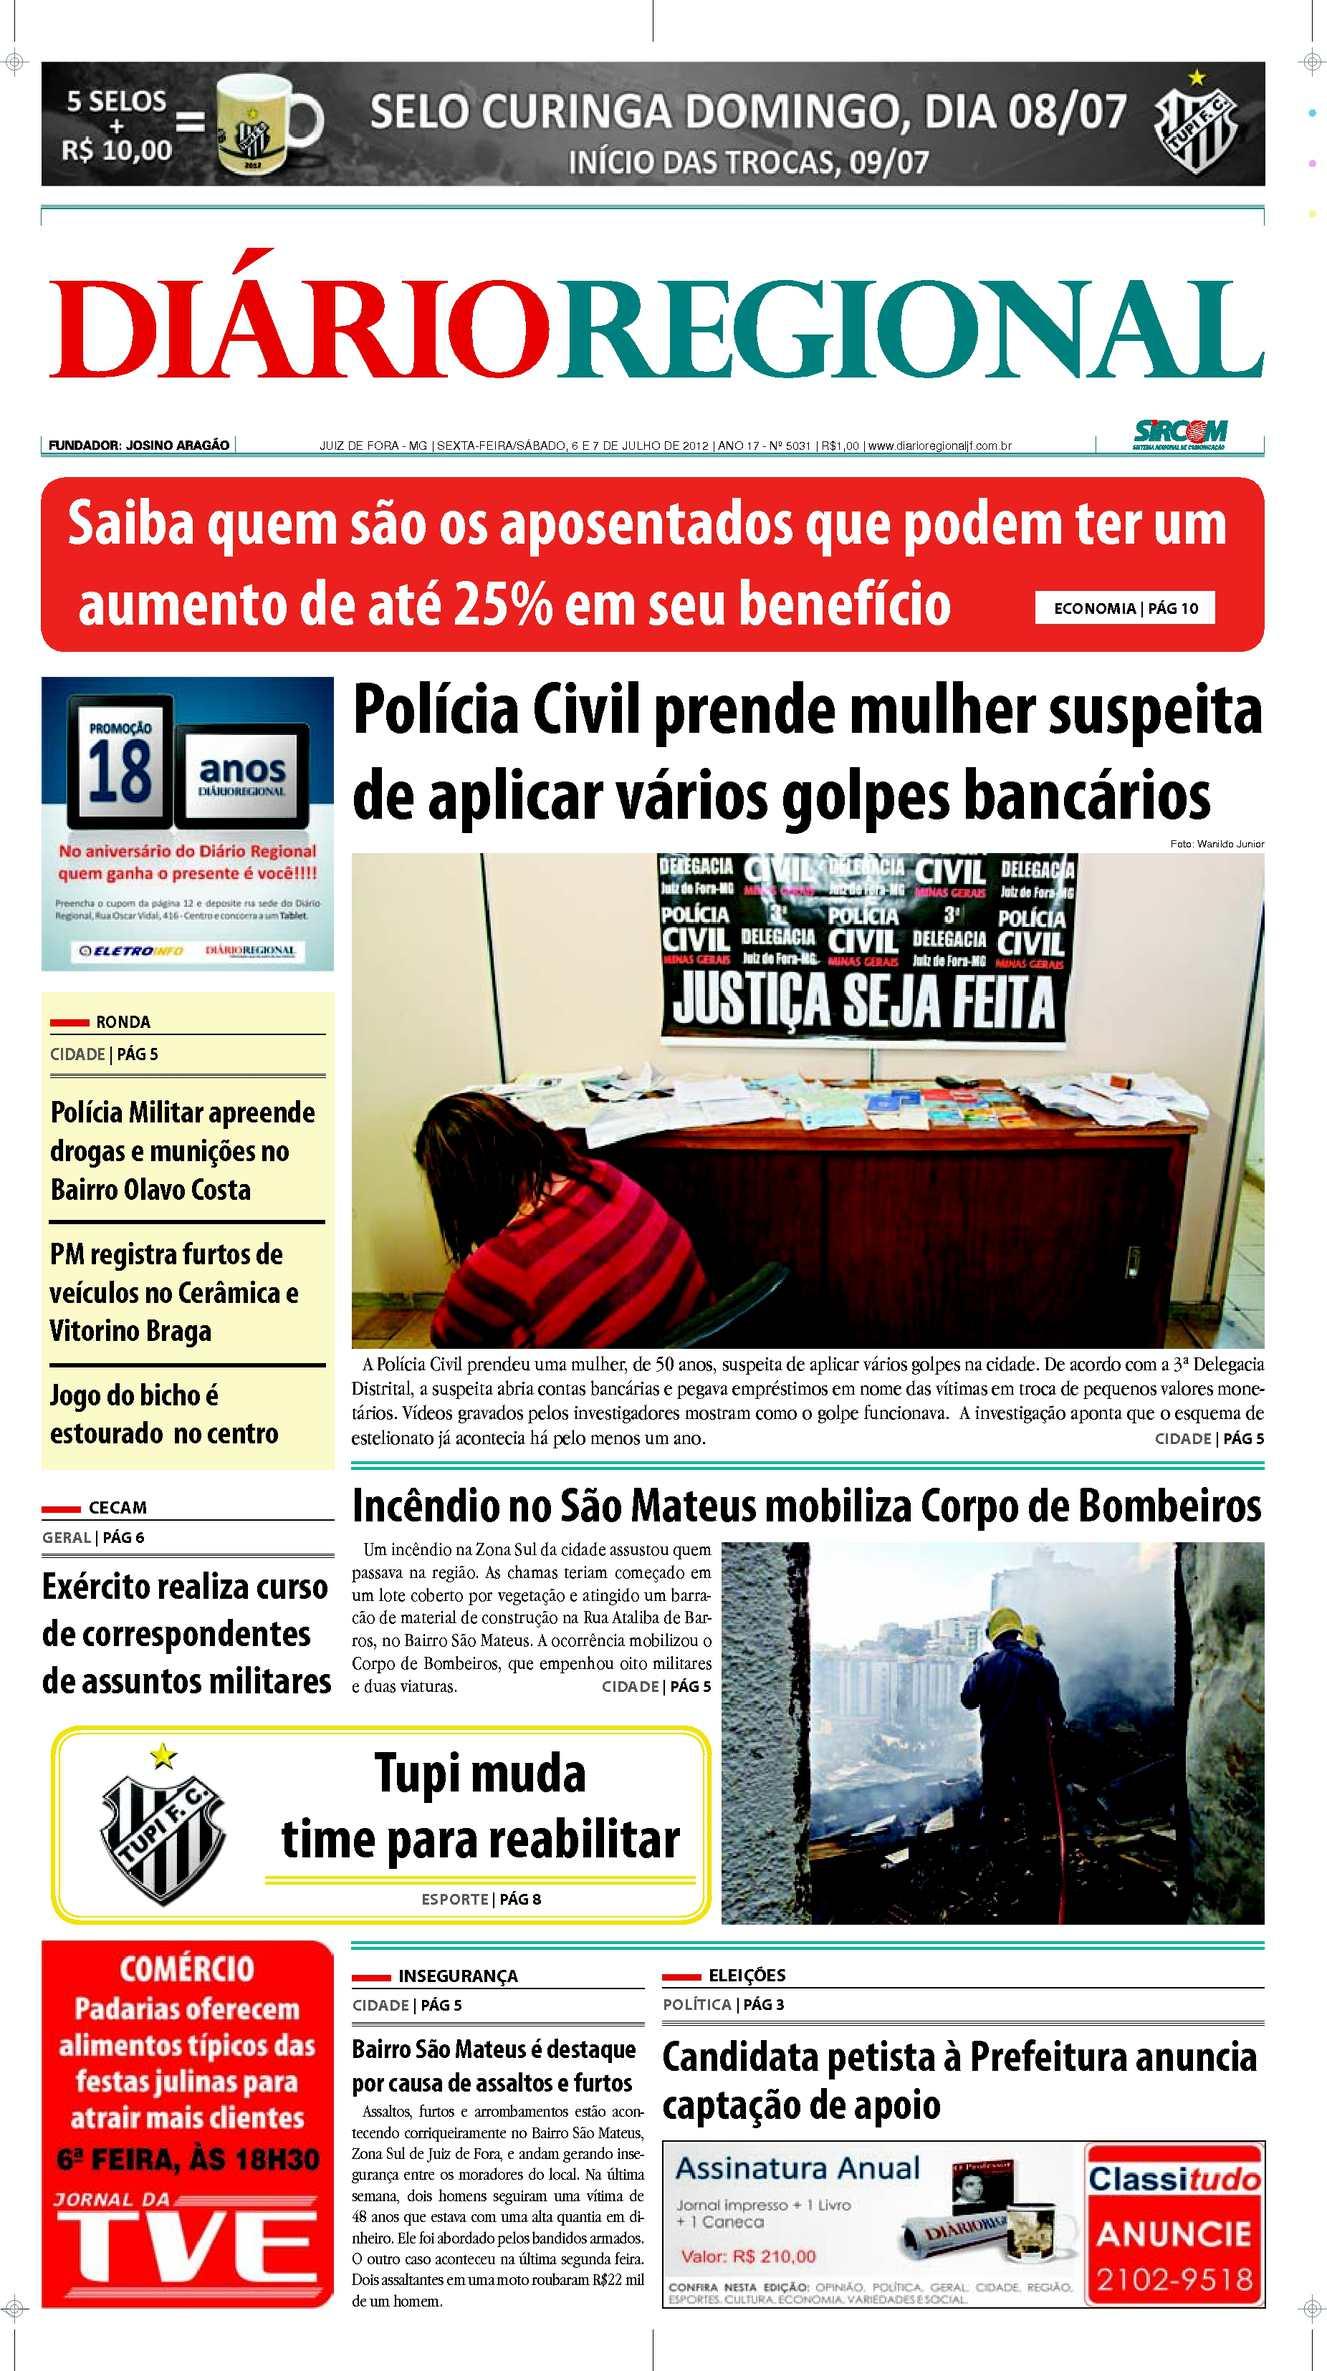 Calaméo - Edição 06 e 07 07 2012 72133fdb6e856